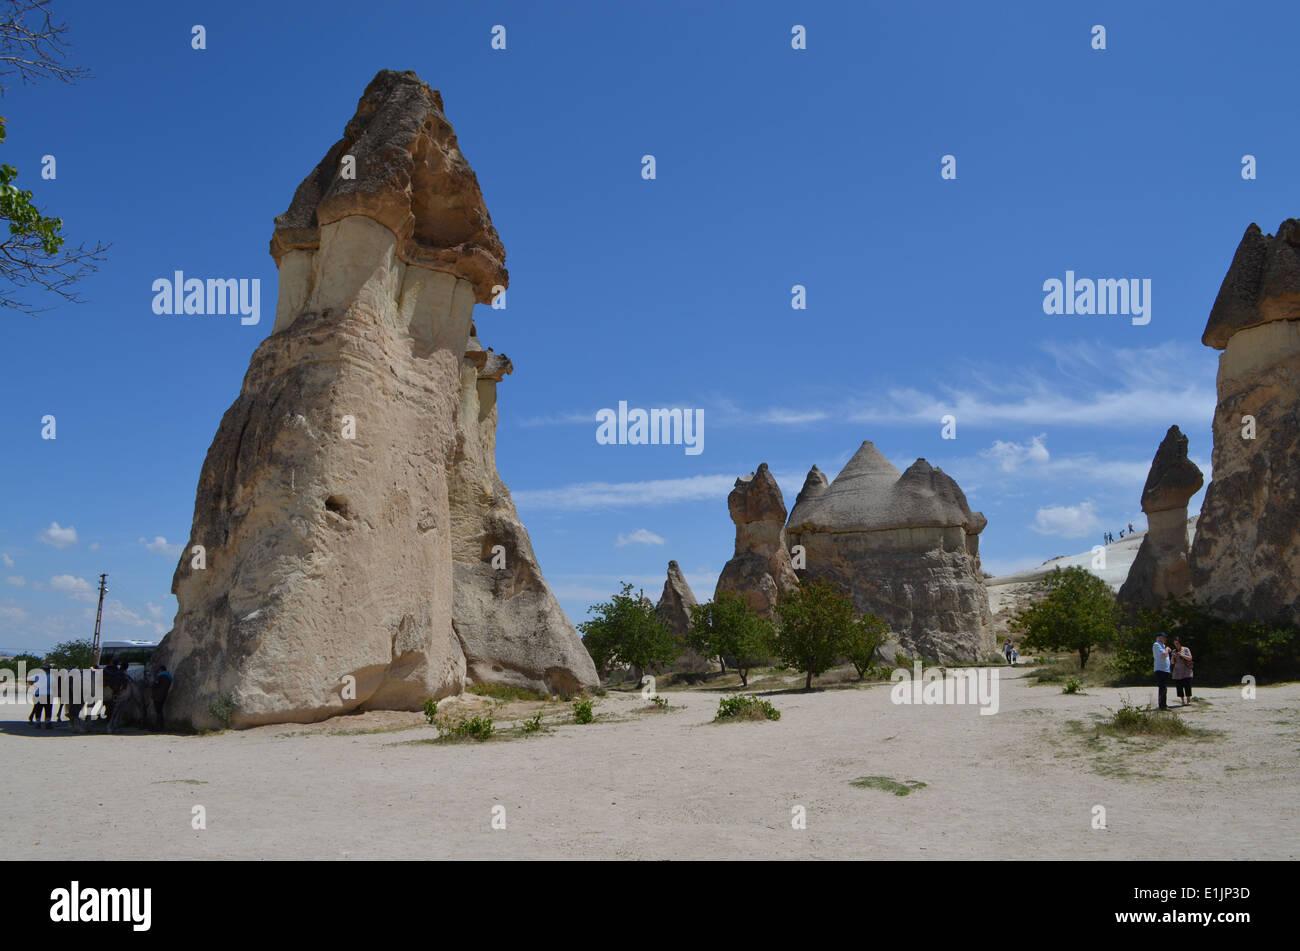 Kappadokien, Türkei. Seltsame Landsof Märchen mit einer Kappe aus Basalt, die sich, verursacht durch zwei Vulkane, Erciyes & Hasan erneuert Stockbild